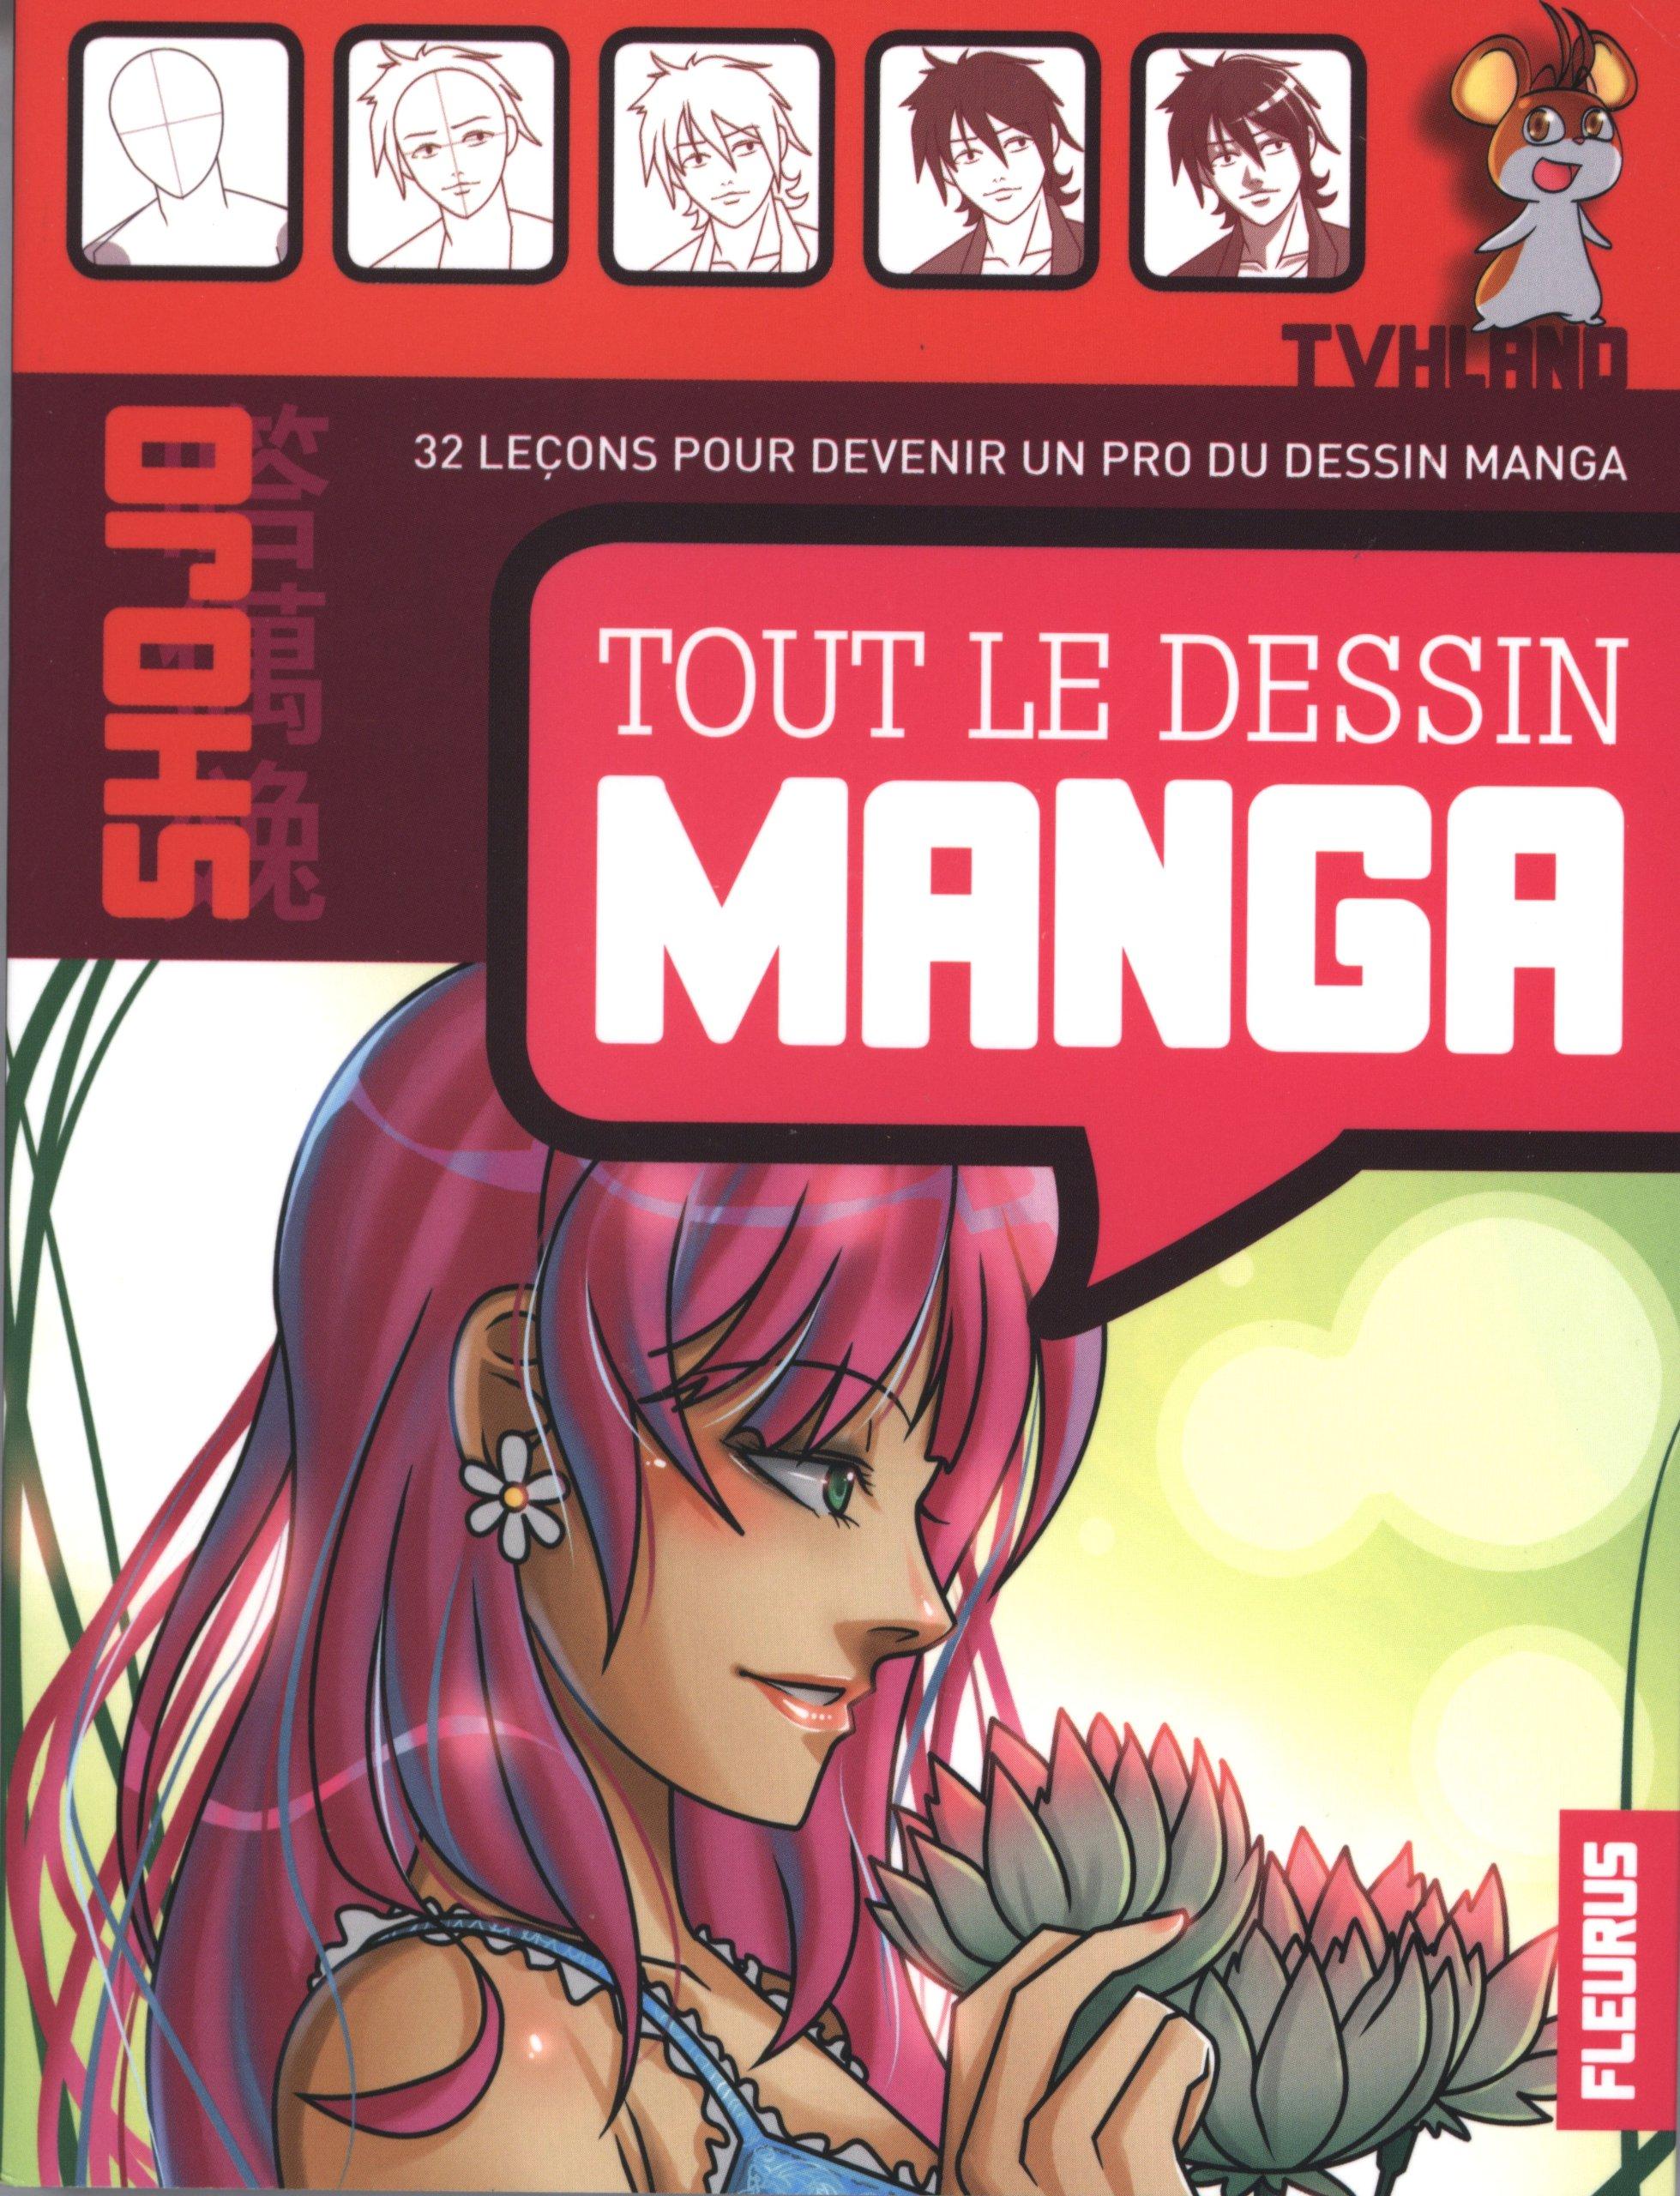 Tout le Dessin Manga Broché – 13 octobre 2011 Caroline et Ta Van Huy FLEURUS / B.D. 2215101806 TL2215101806